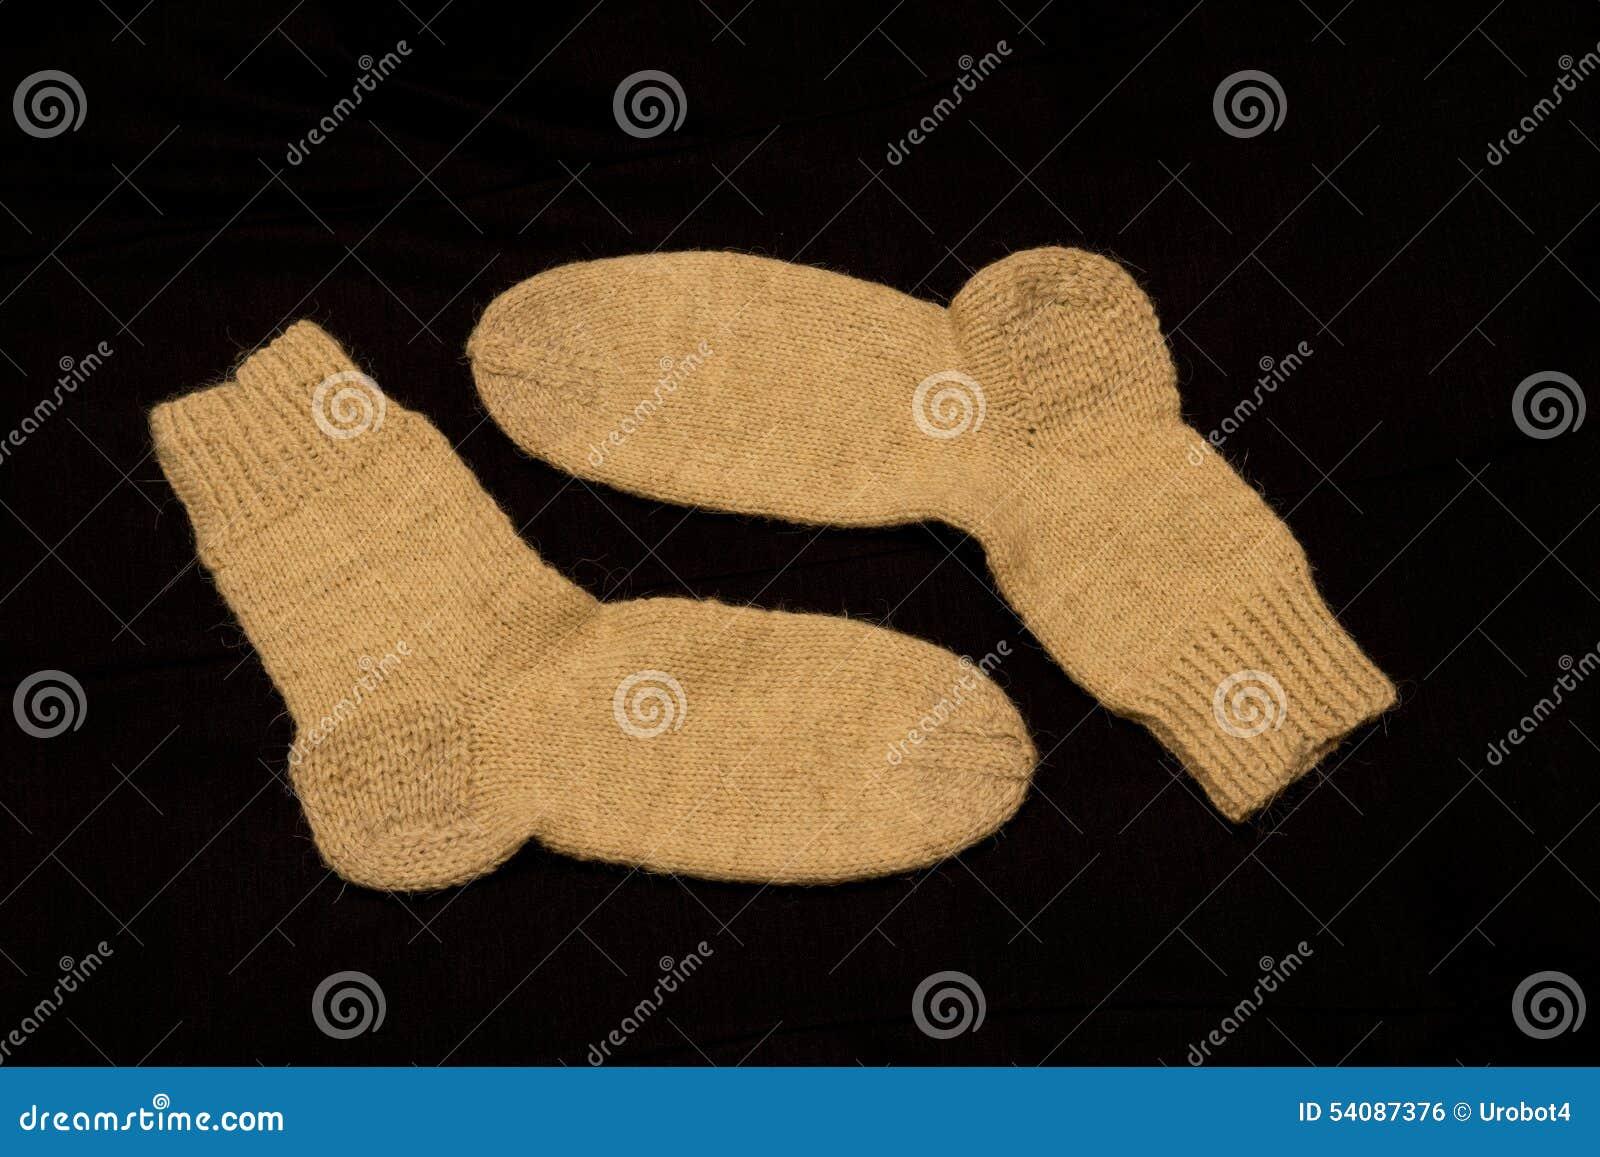 Paar Gebreide Sokken op Donkere Achtergrond